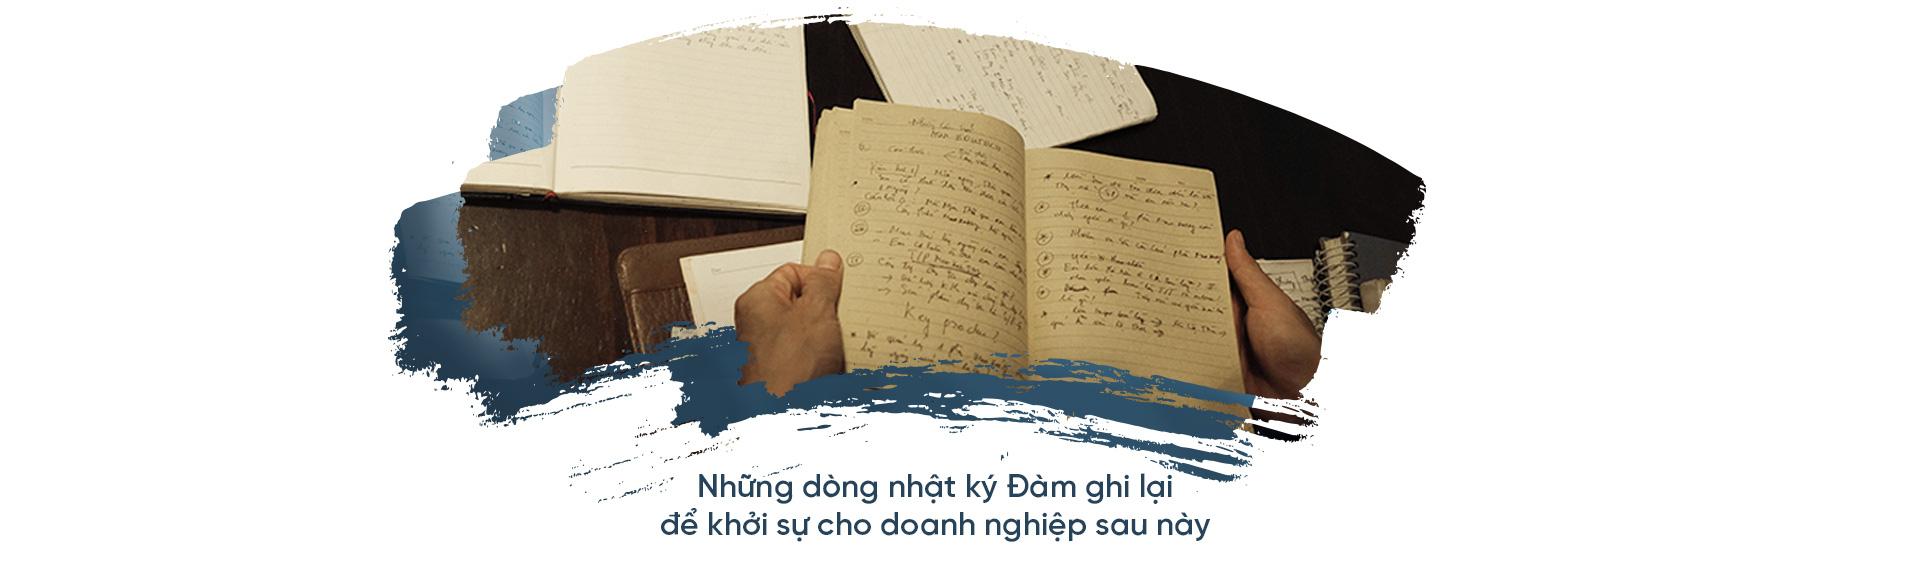 Nguyễn Thanh Đàm: Ở tận cùng đớn đau, là hi vọng - Ảnh 8.